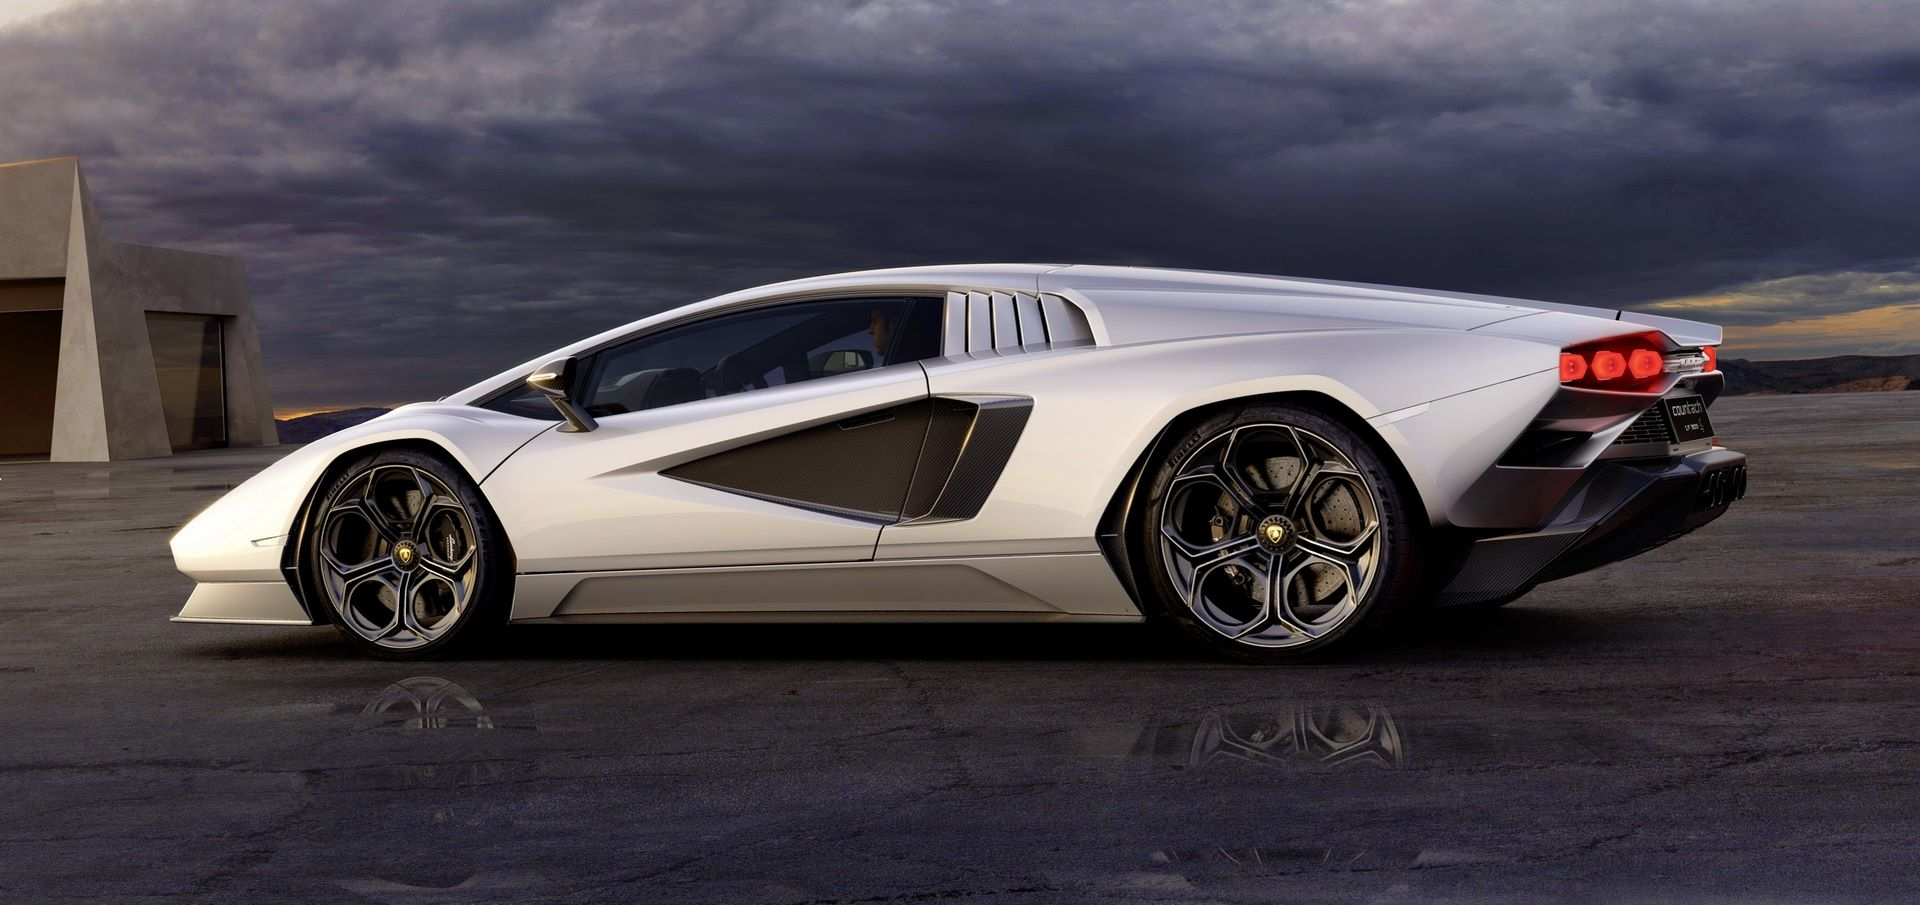 Lamborghini-Countach-LPI-800-4-34